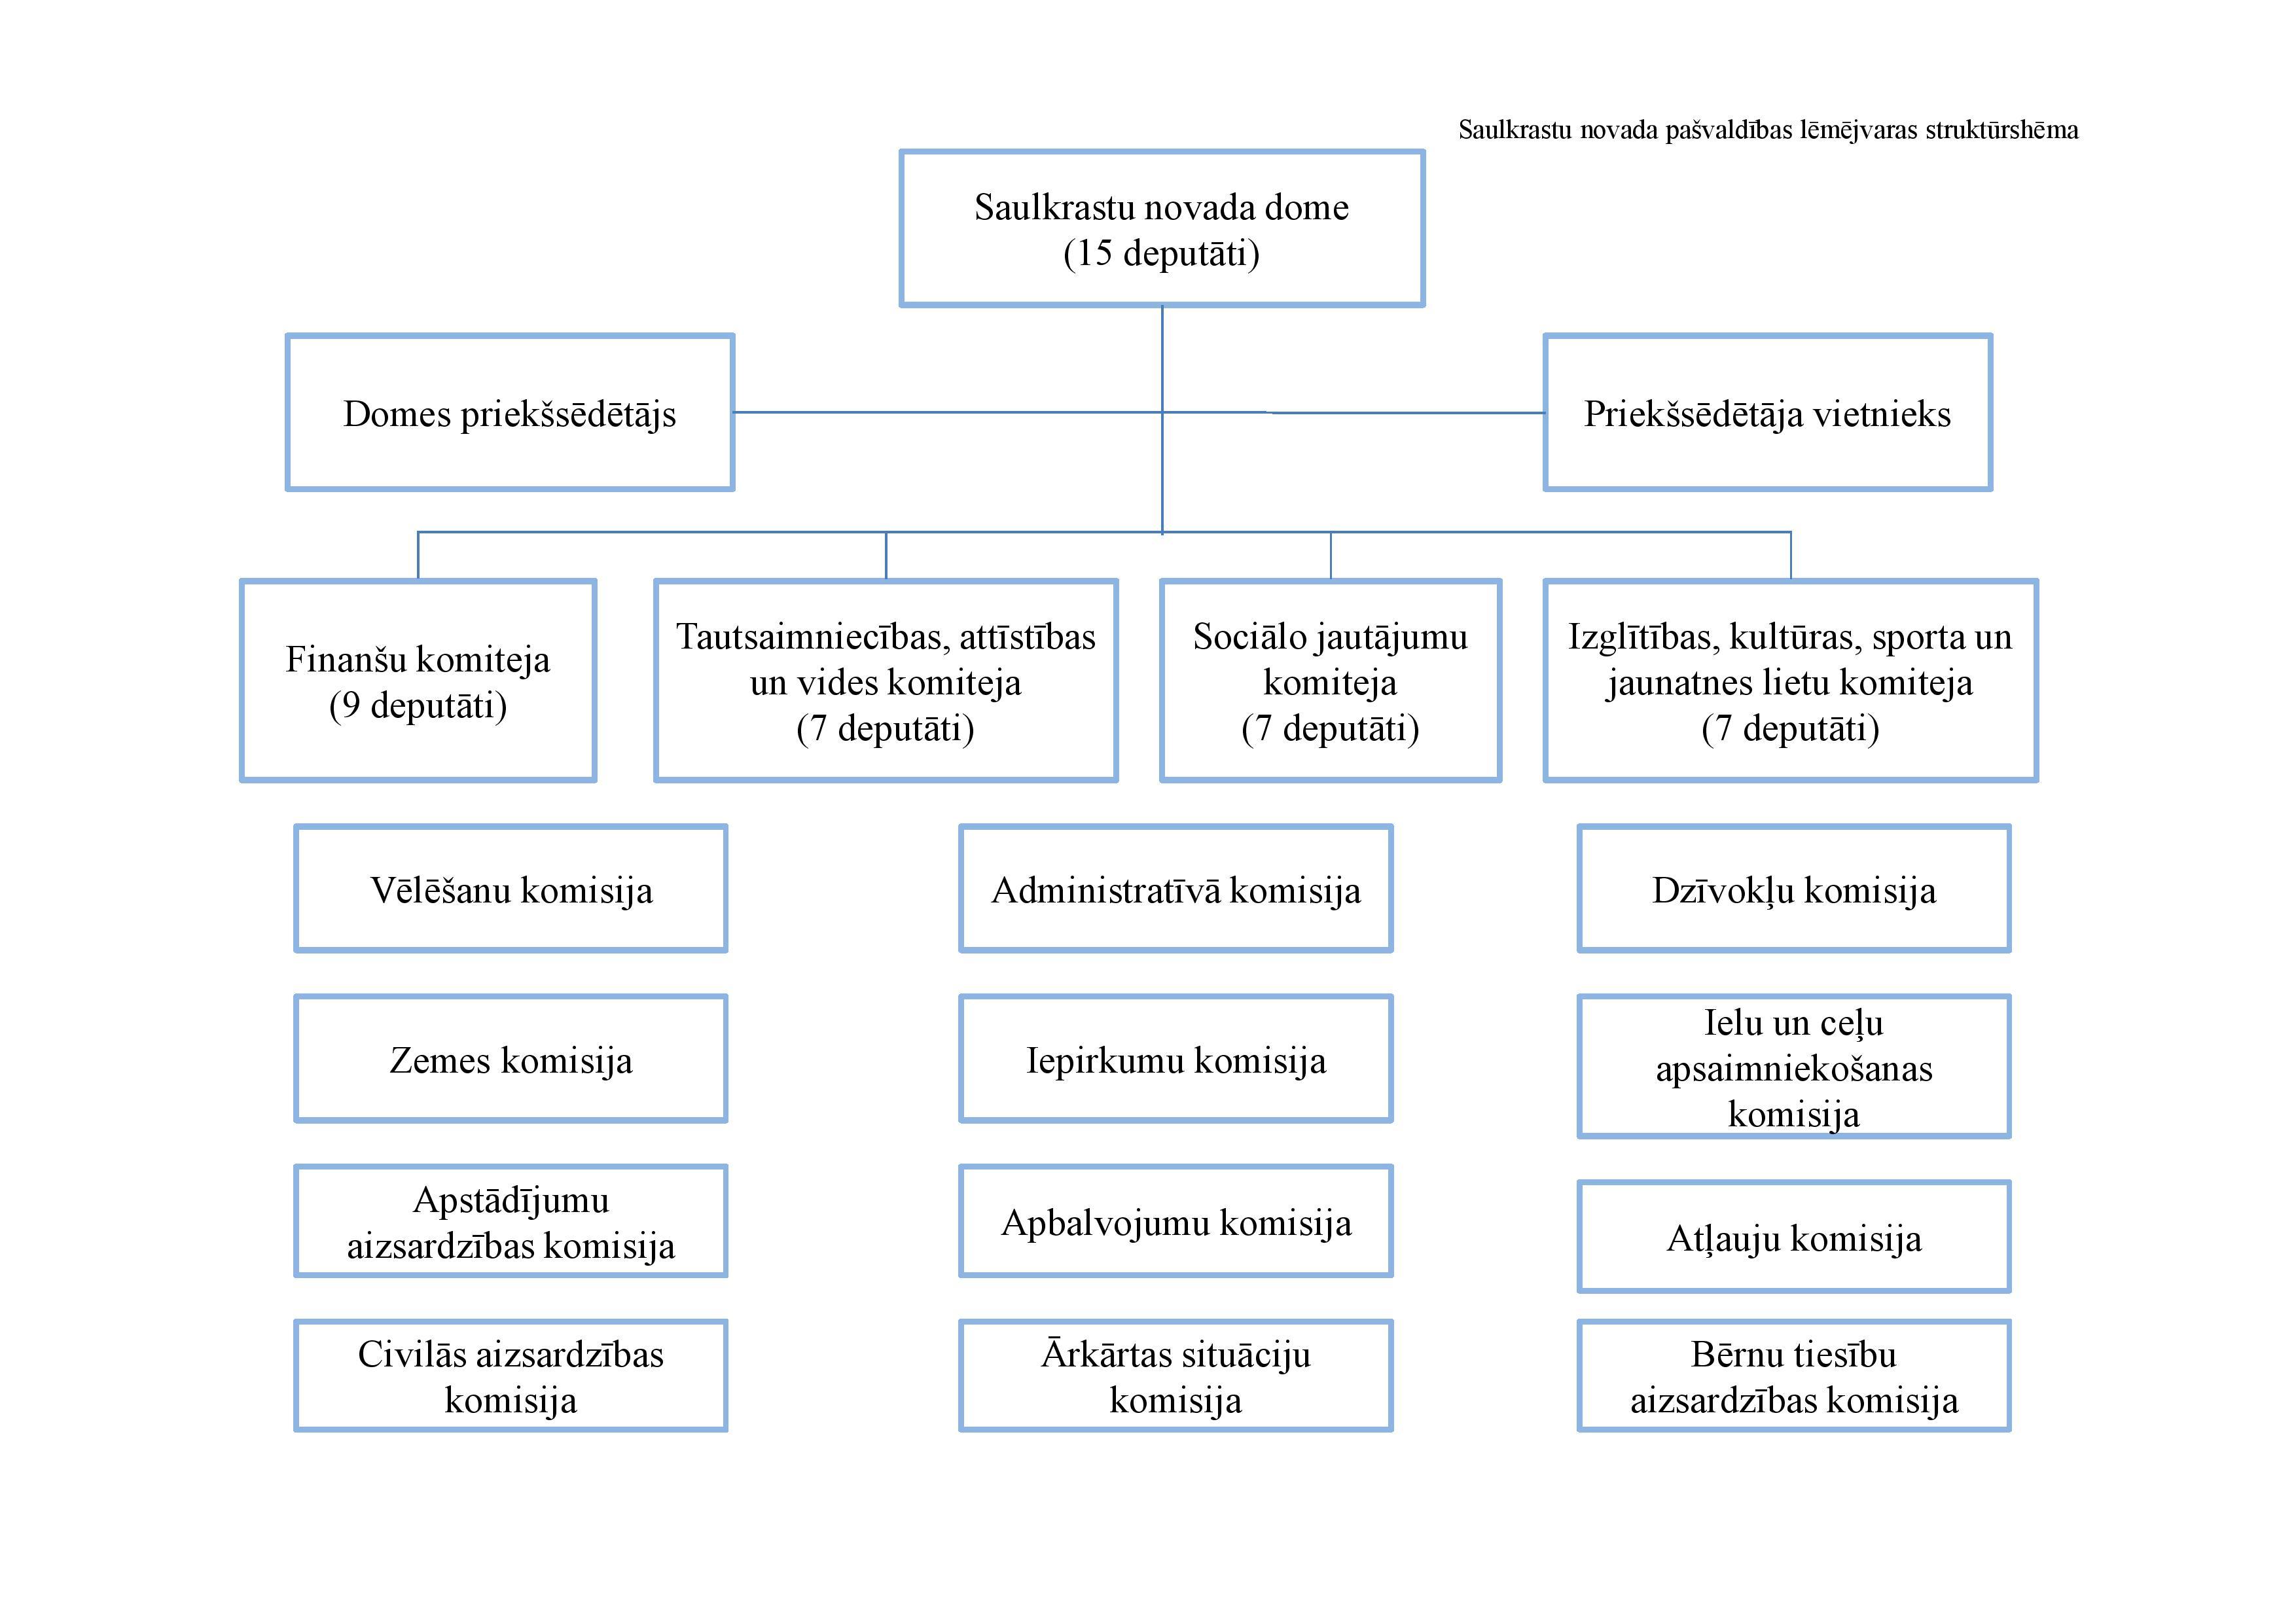 strukturshema_lemejvara-page-001